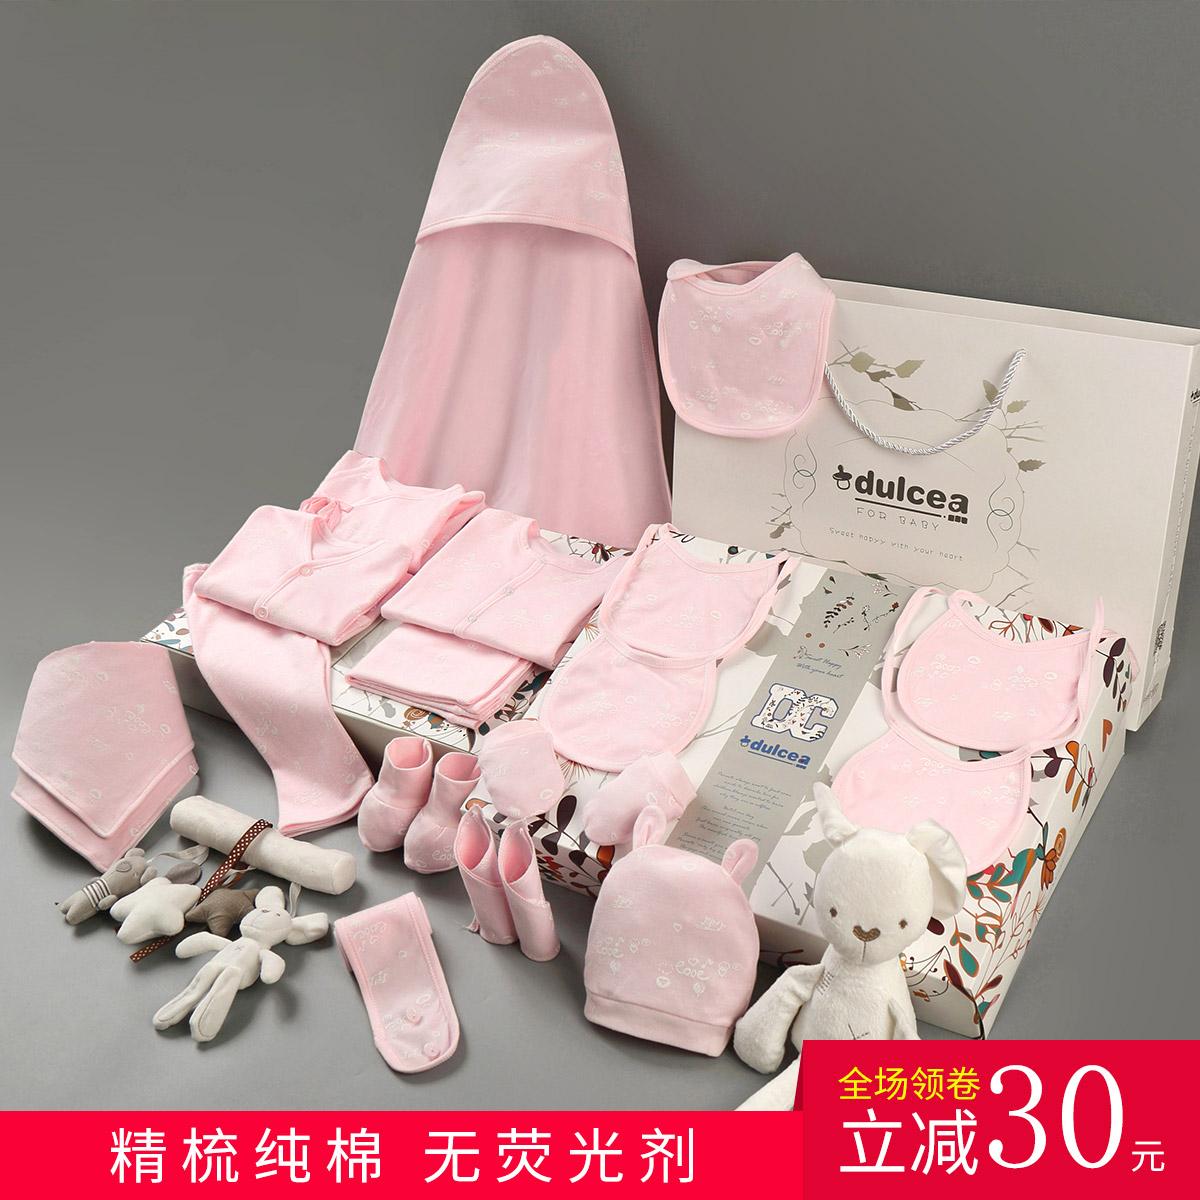 婴儿纯棉礼盒套装5元优惠券